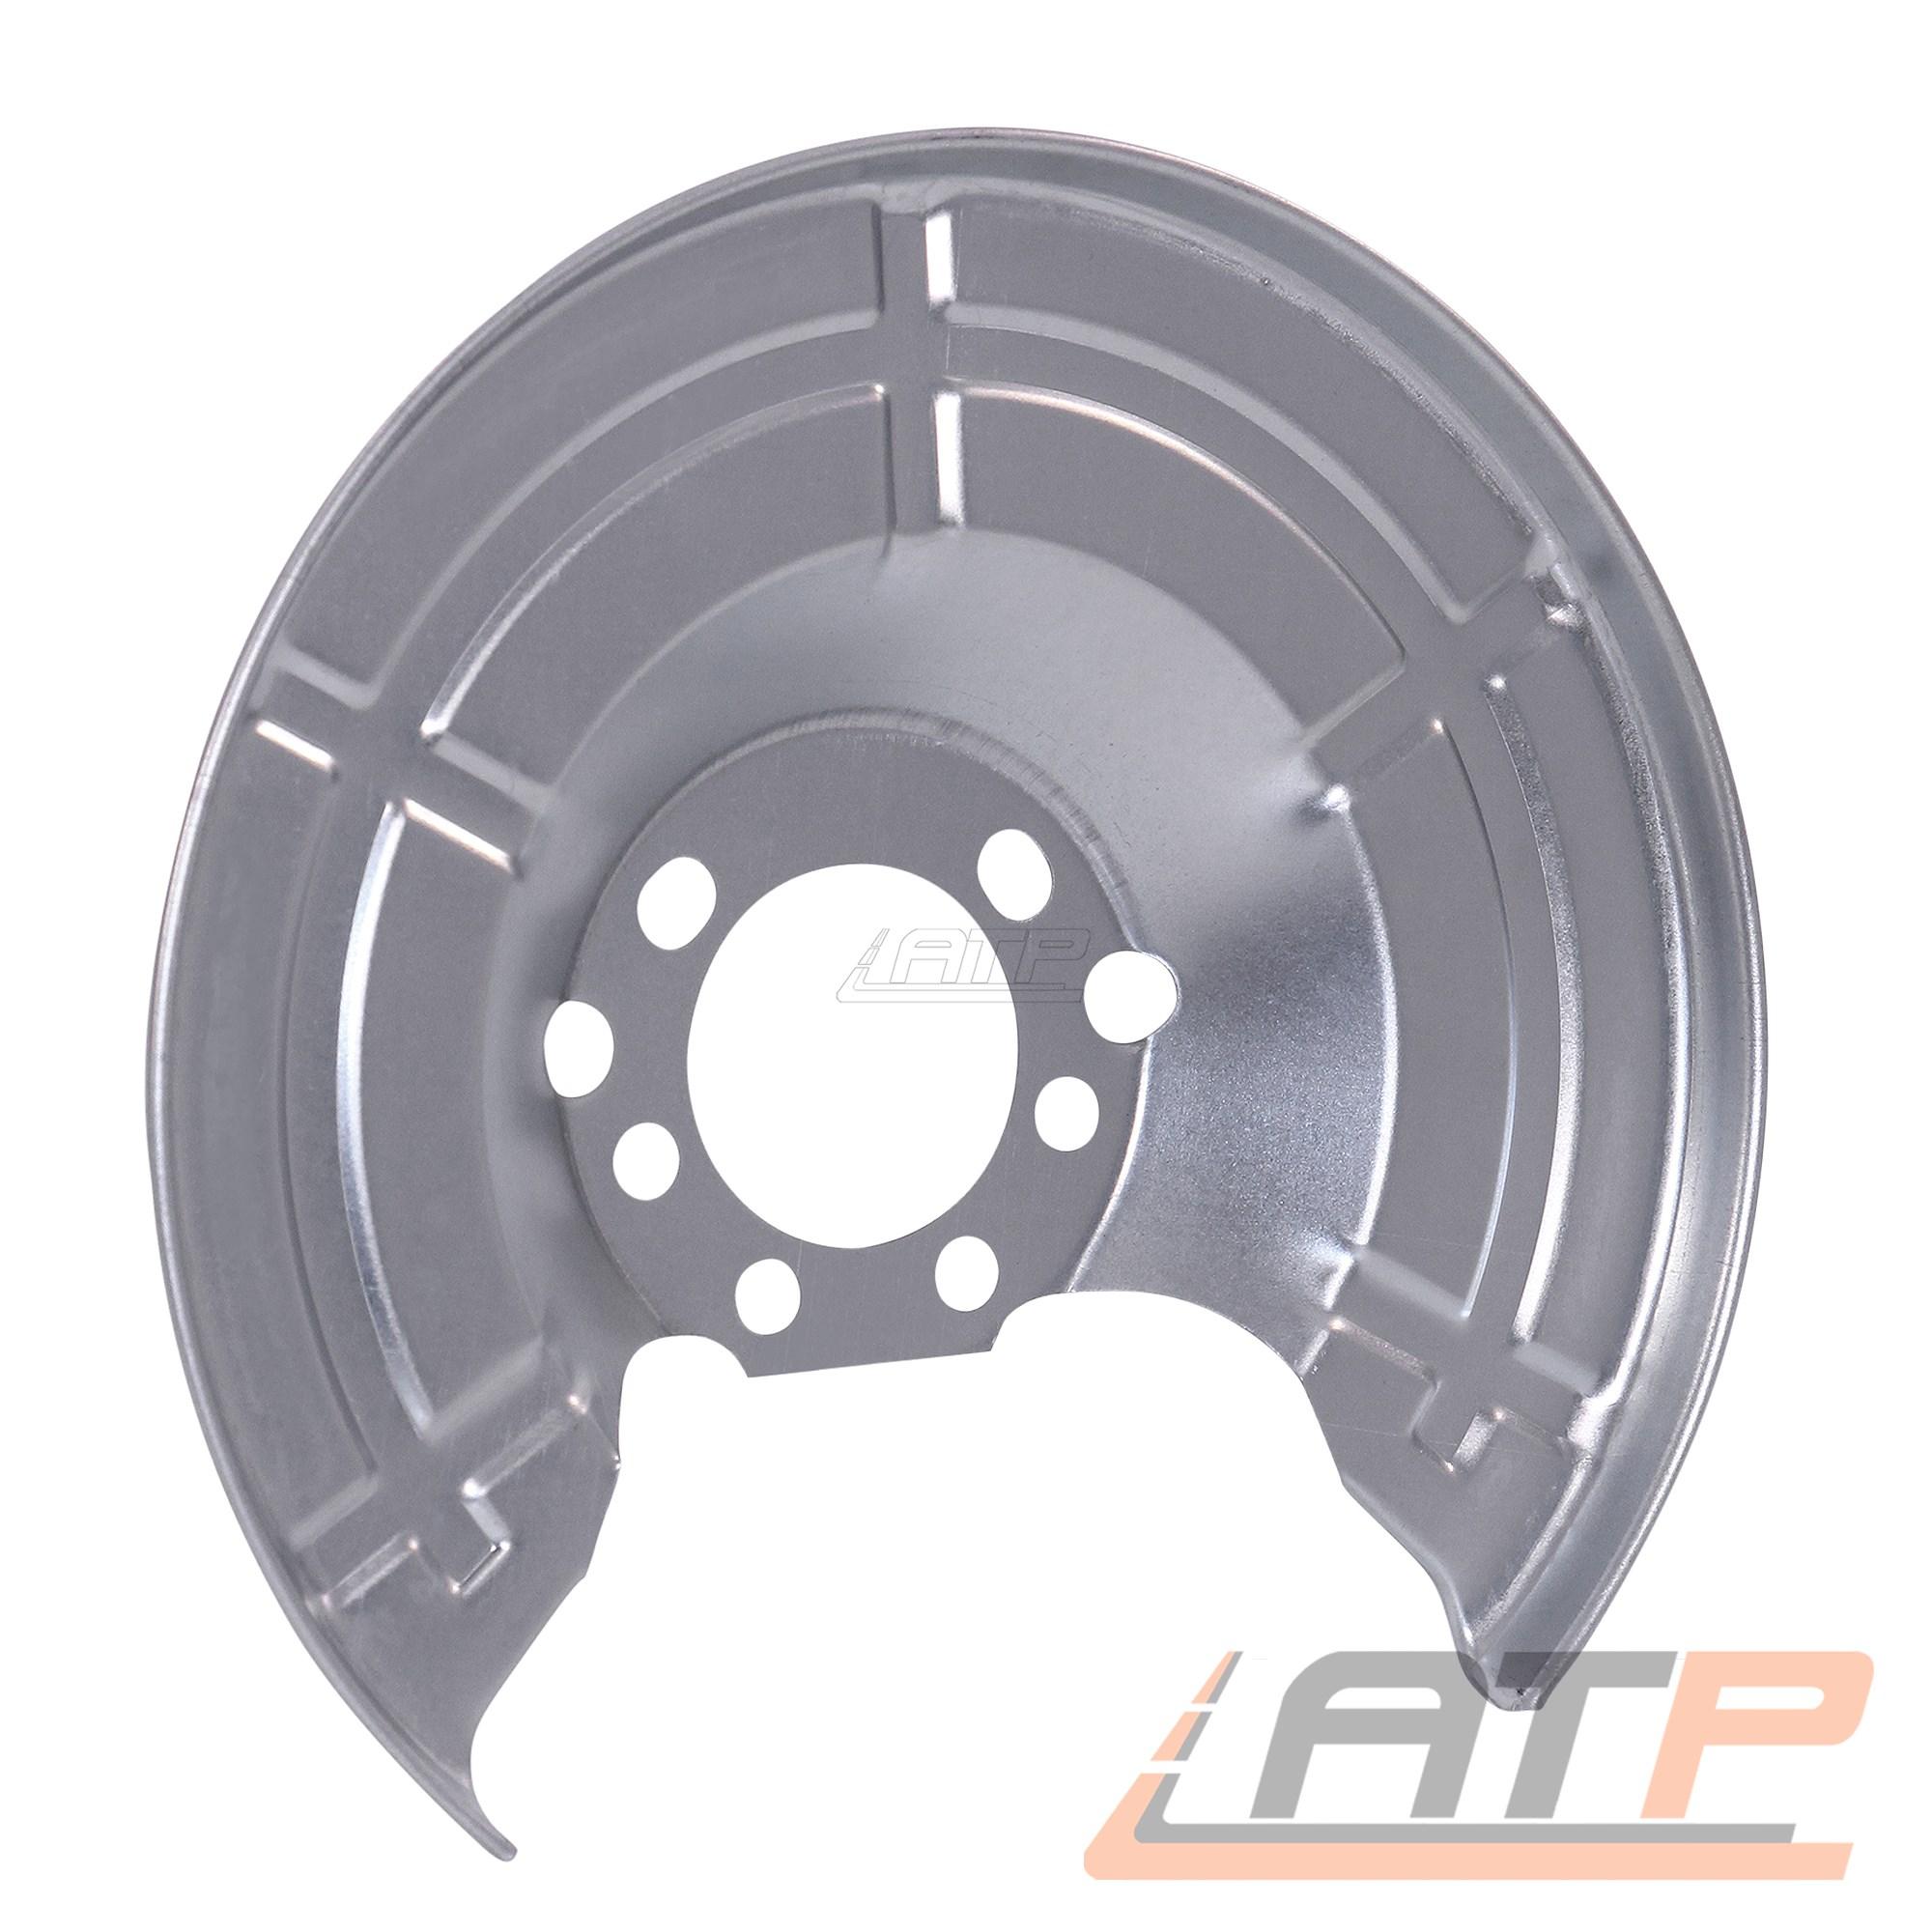 Deckblech Bremsscheibe Bremsstaubblech Bremsankerblech hinten für OPEL ASTRA H